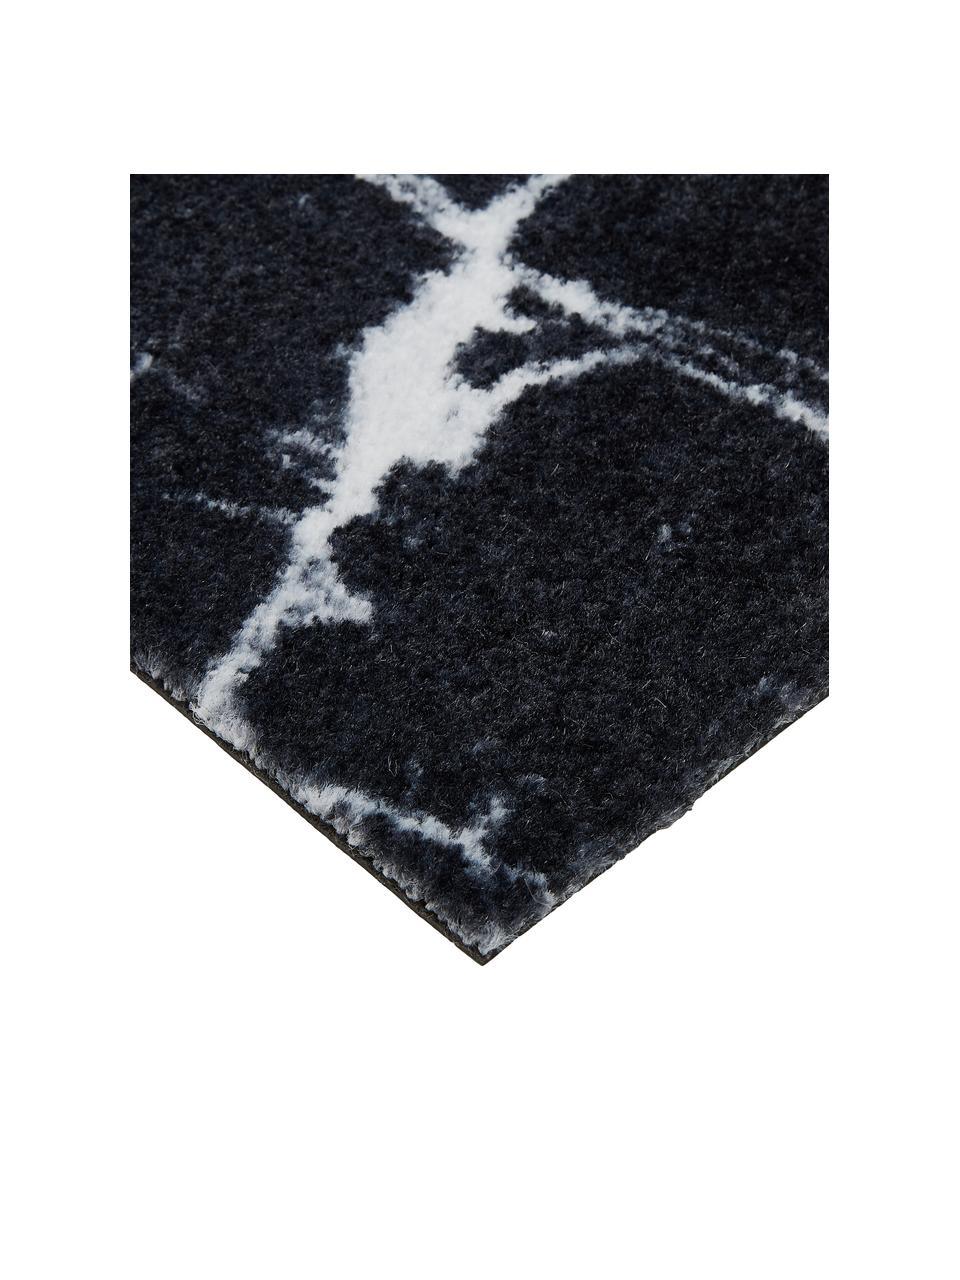 Waschbare Polyamid-Fußmatte Bailey, Vorderseite: Polyamid, Rückseite: Kunststoff, Schwarz, 50 x 75 cm